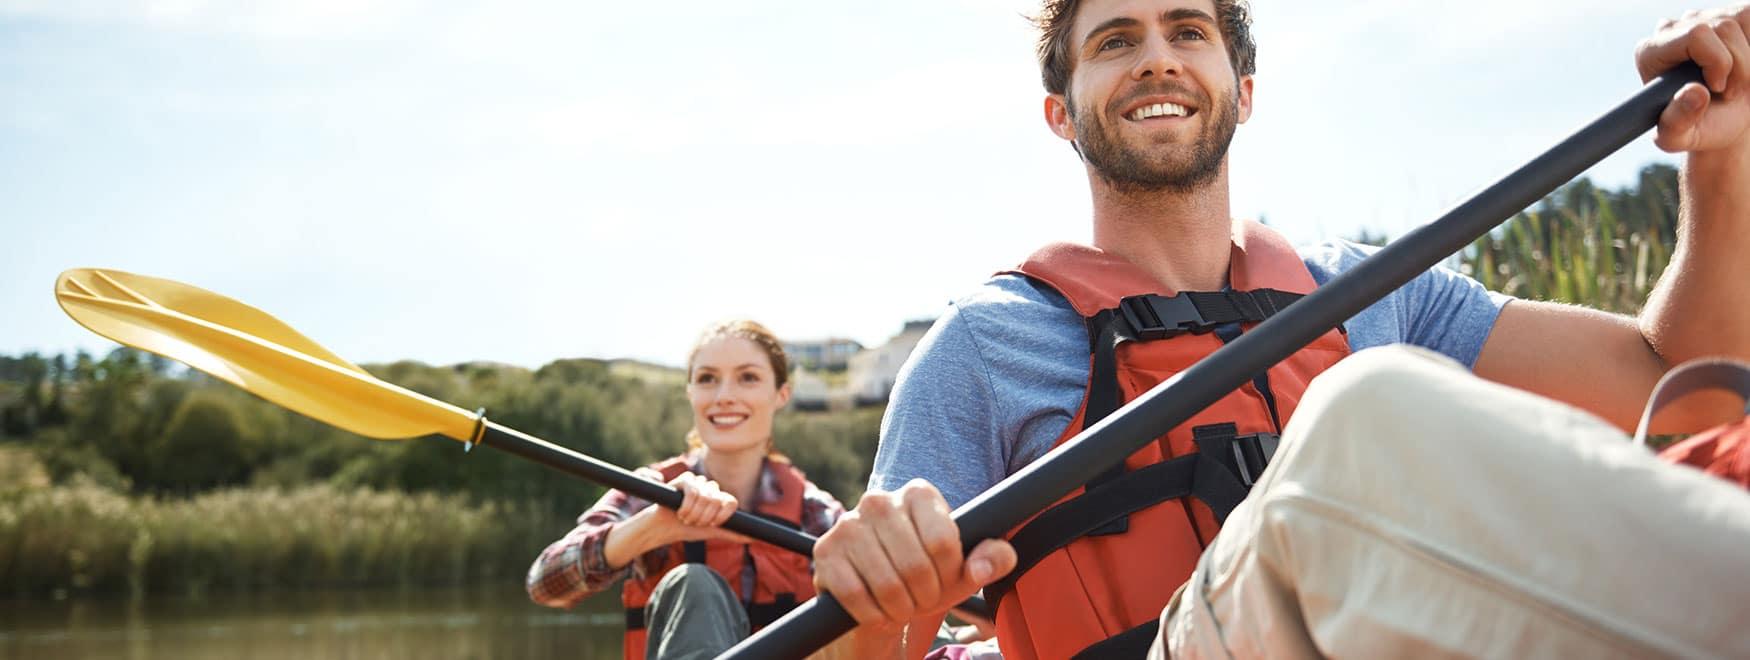 Balade en canoë-kayak sur le Lez